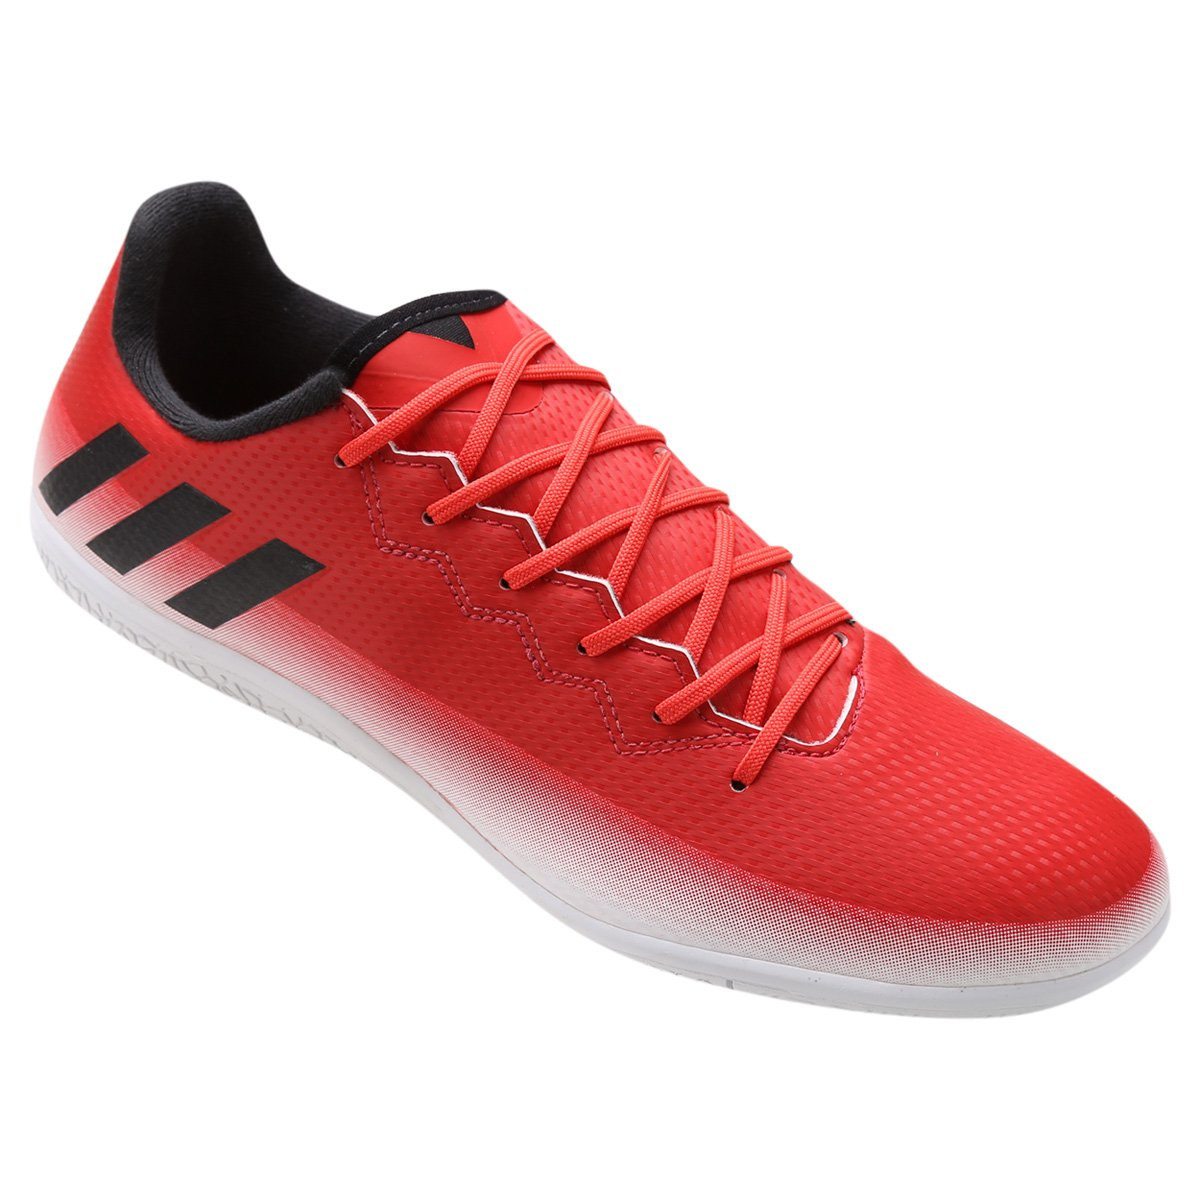 39fa50eef0 Chuteira Futsal Adidas Messi 16.3 IN - Compre Agora